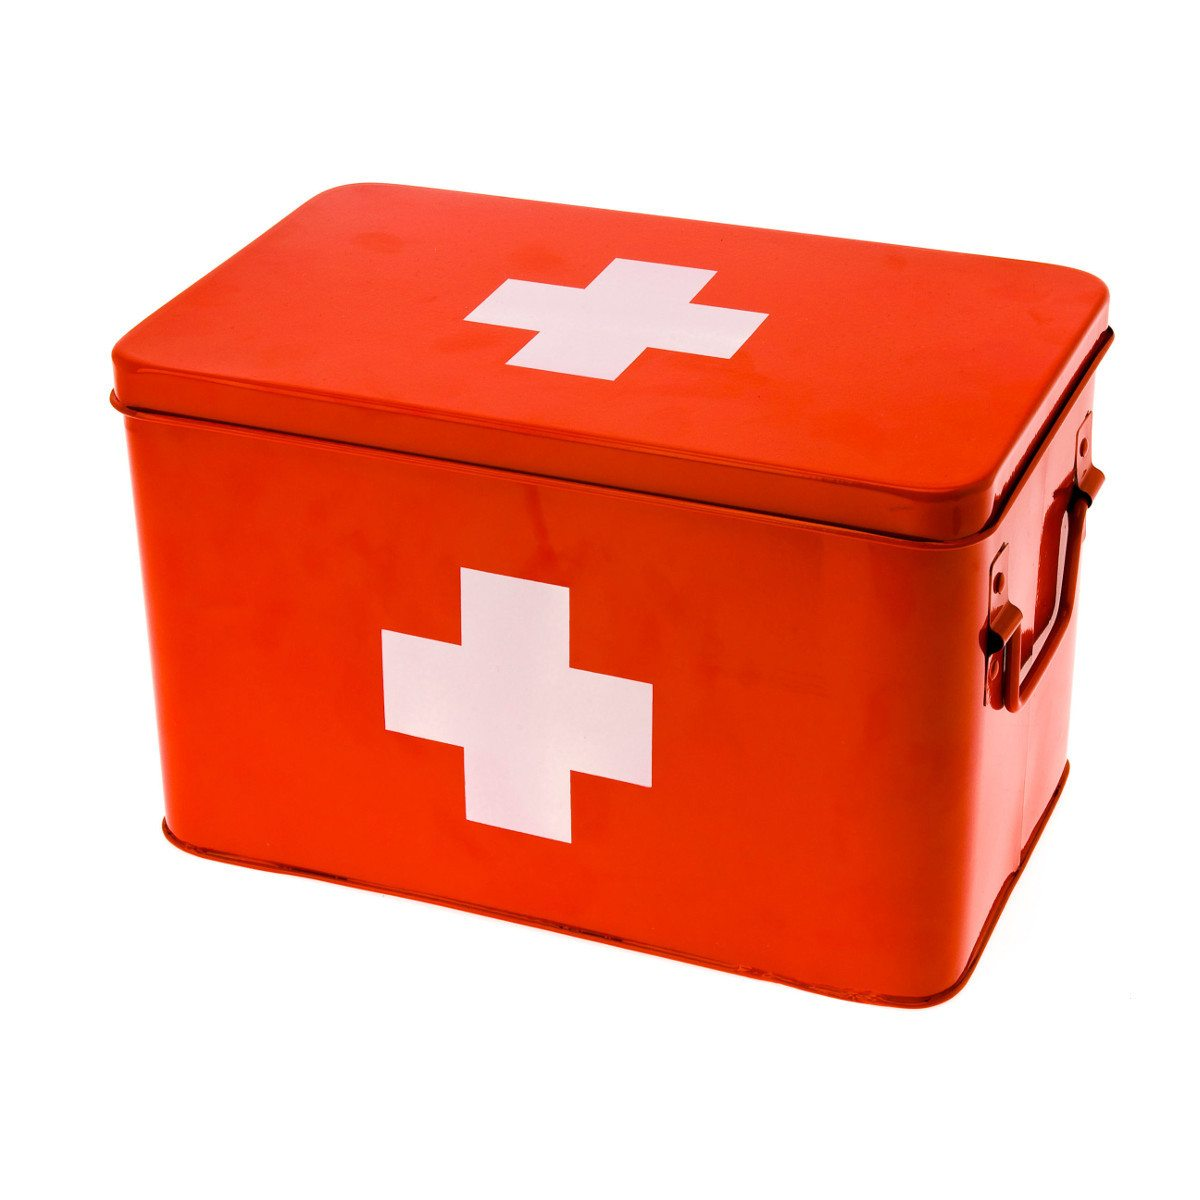 Førstehjælpskasse med hvidt kors motiv | Gaveideer.dk